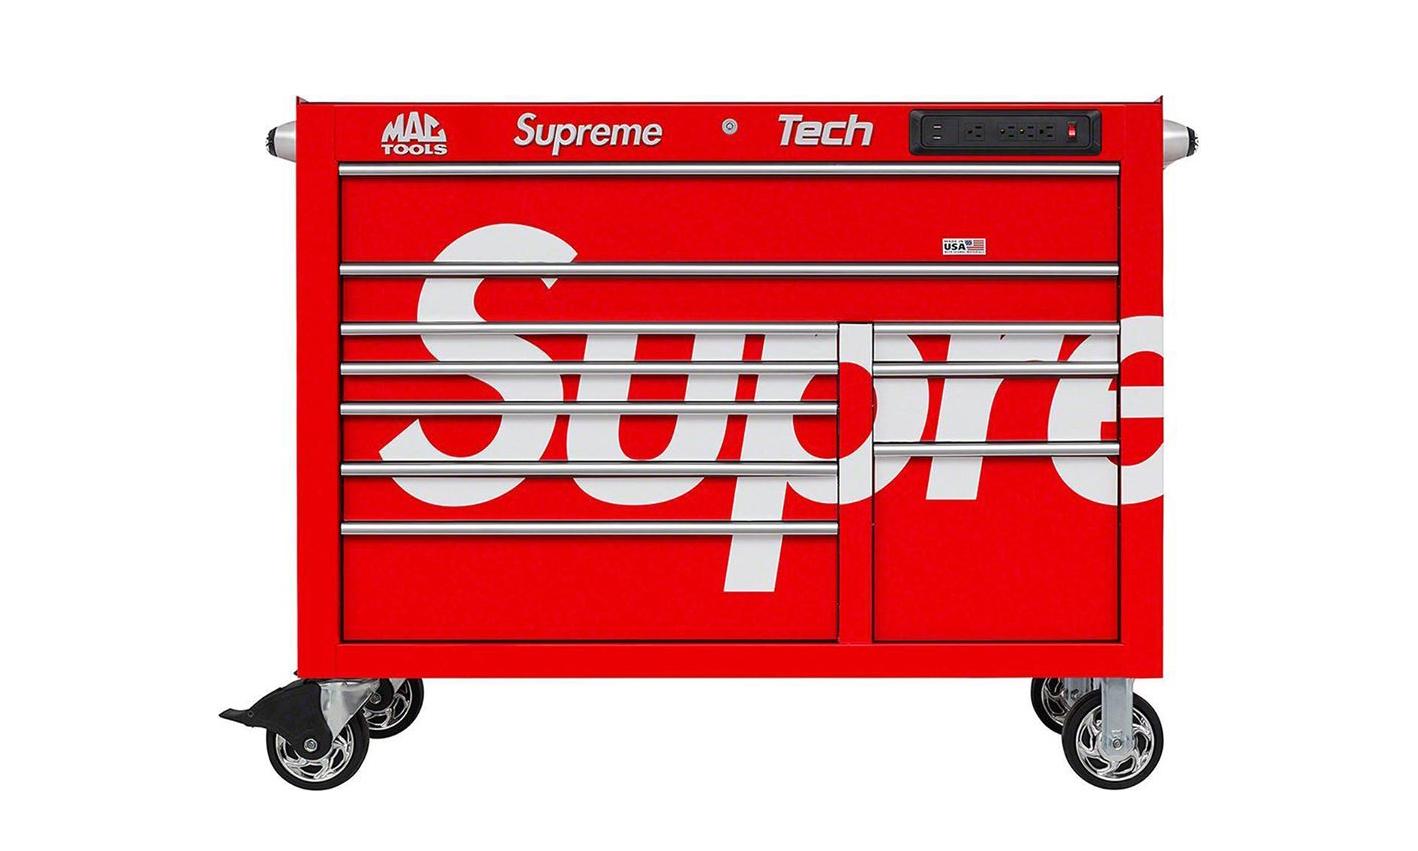 「专业」大件登场,Supreme x Mac Tools T5025P 工作站本周发售